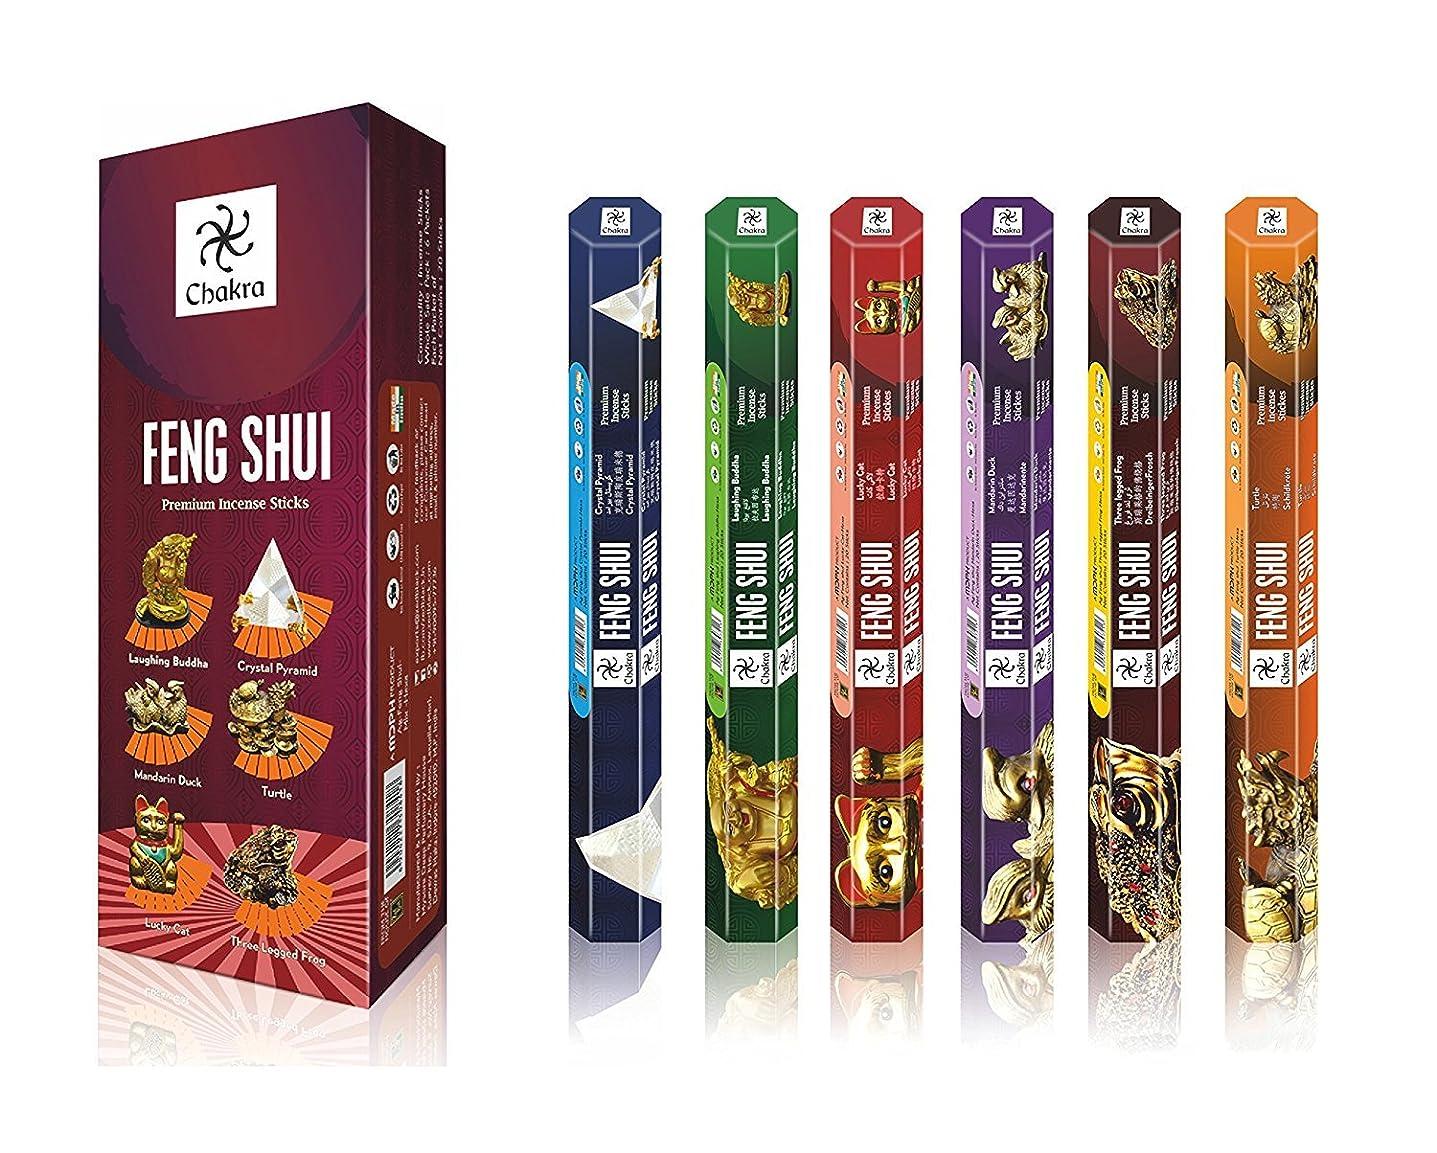 和解する有彩色のサイズチャクラFengshuiプレミアムIncense Sticks?–?香りつきSticks?–?APTを使用するためのat Homeまたはworkplace- 6個パック長持ちAroma Sticks?–?120?Fragrance Sticks?–?Creates Mesmerizing Aura